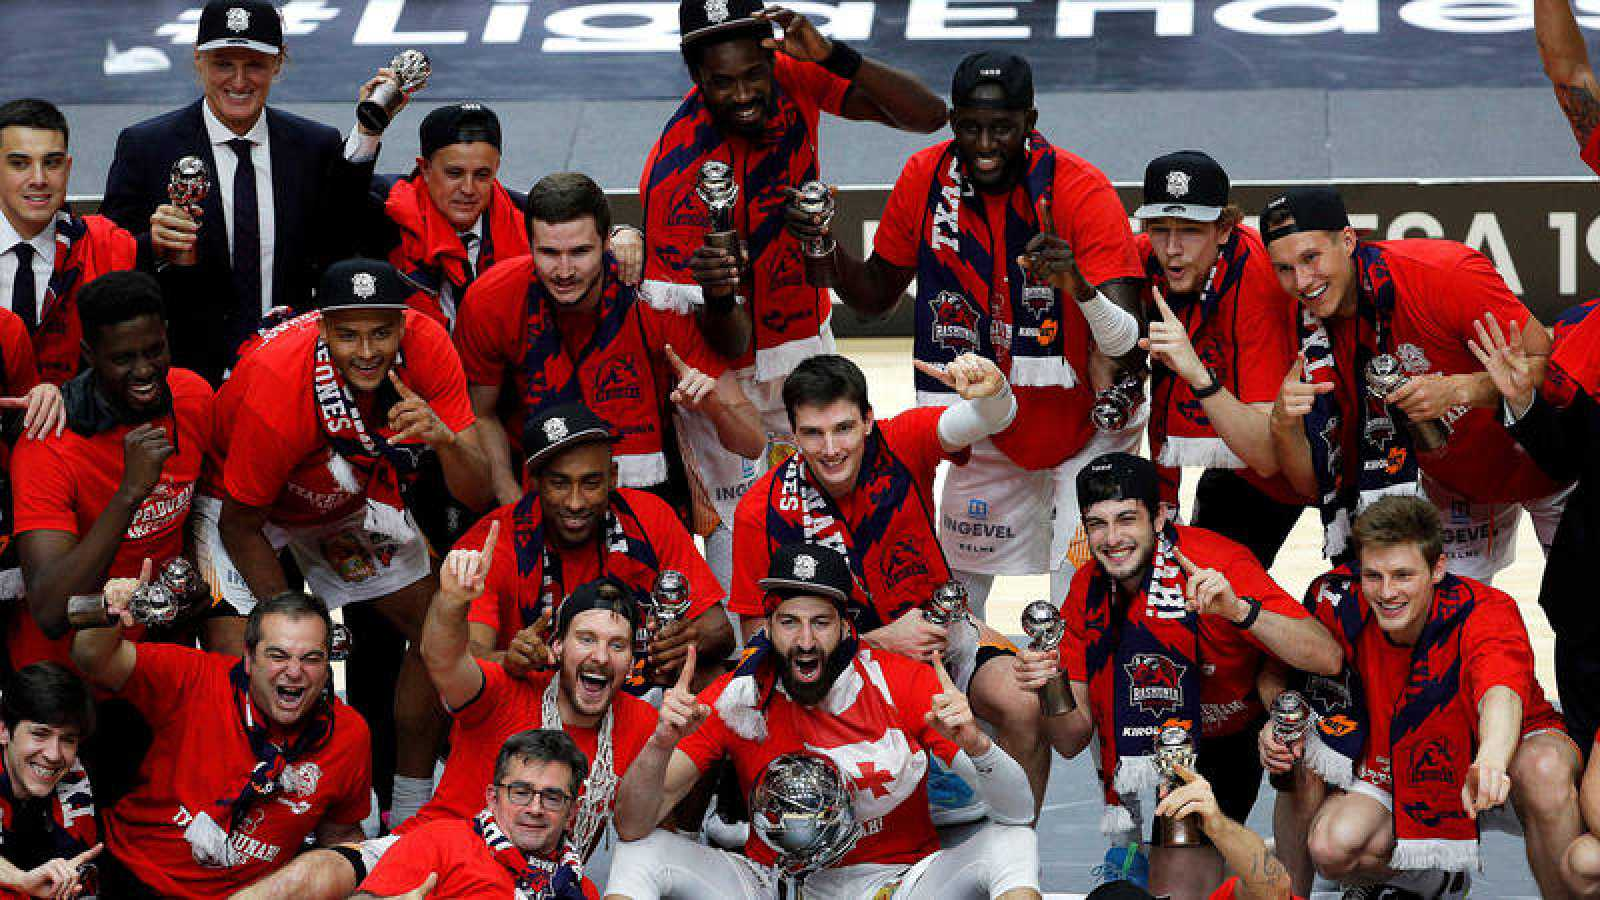 El Baskonia es el defensor del título como campeón de Liga.